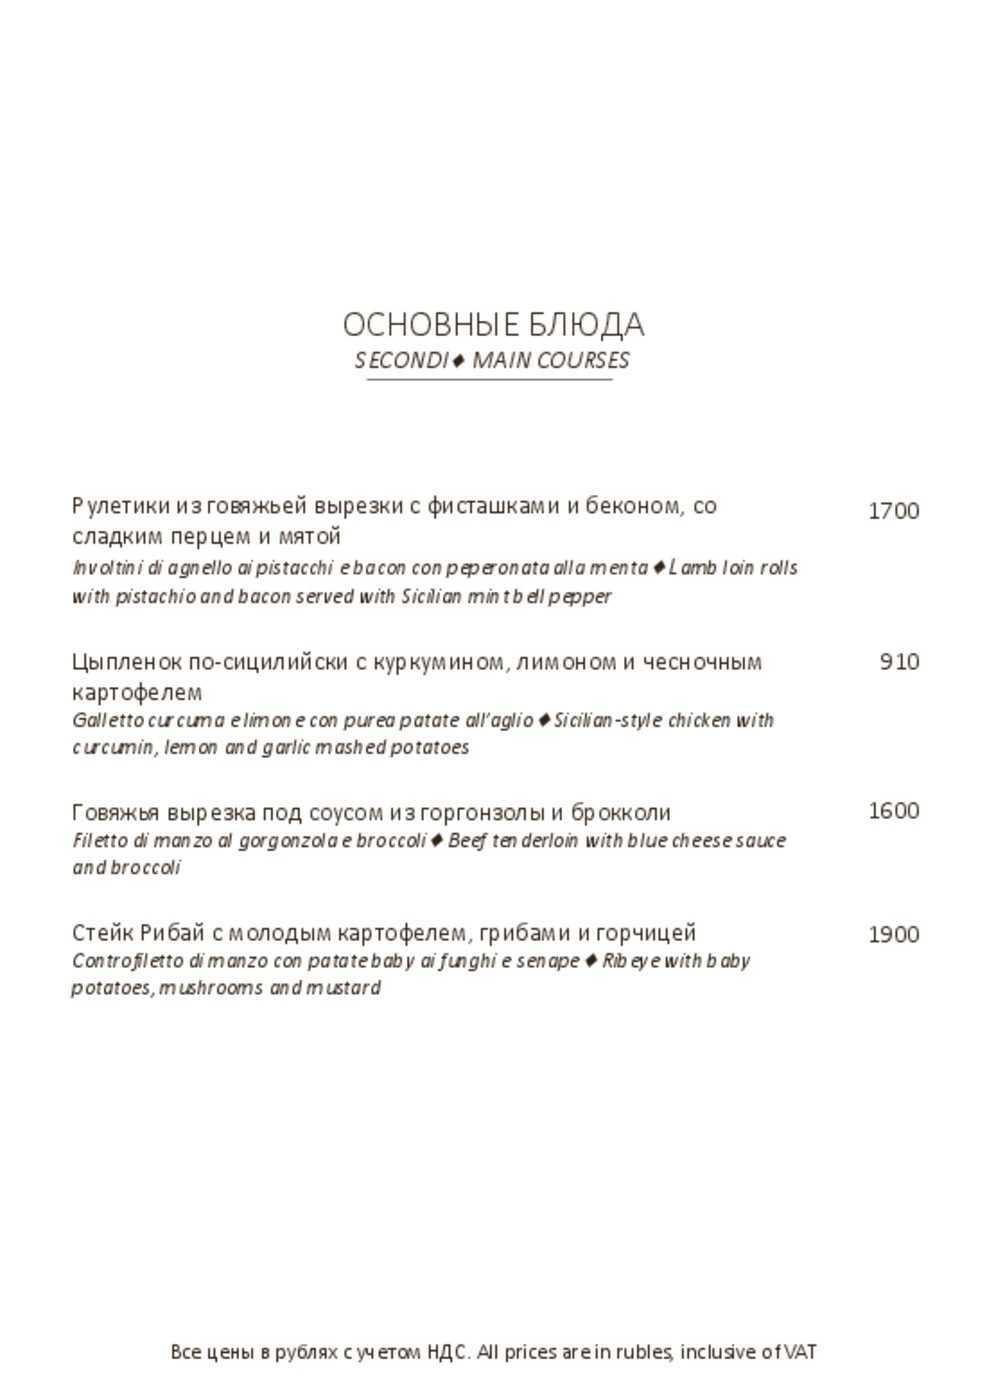 Меню ресторана Imperial Restaurant (Империал) на Невском проспекте